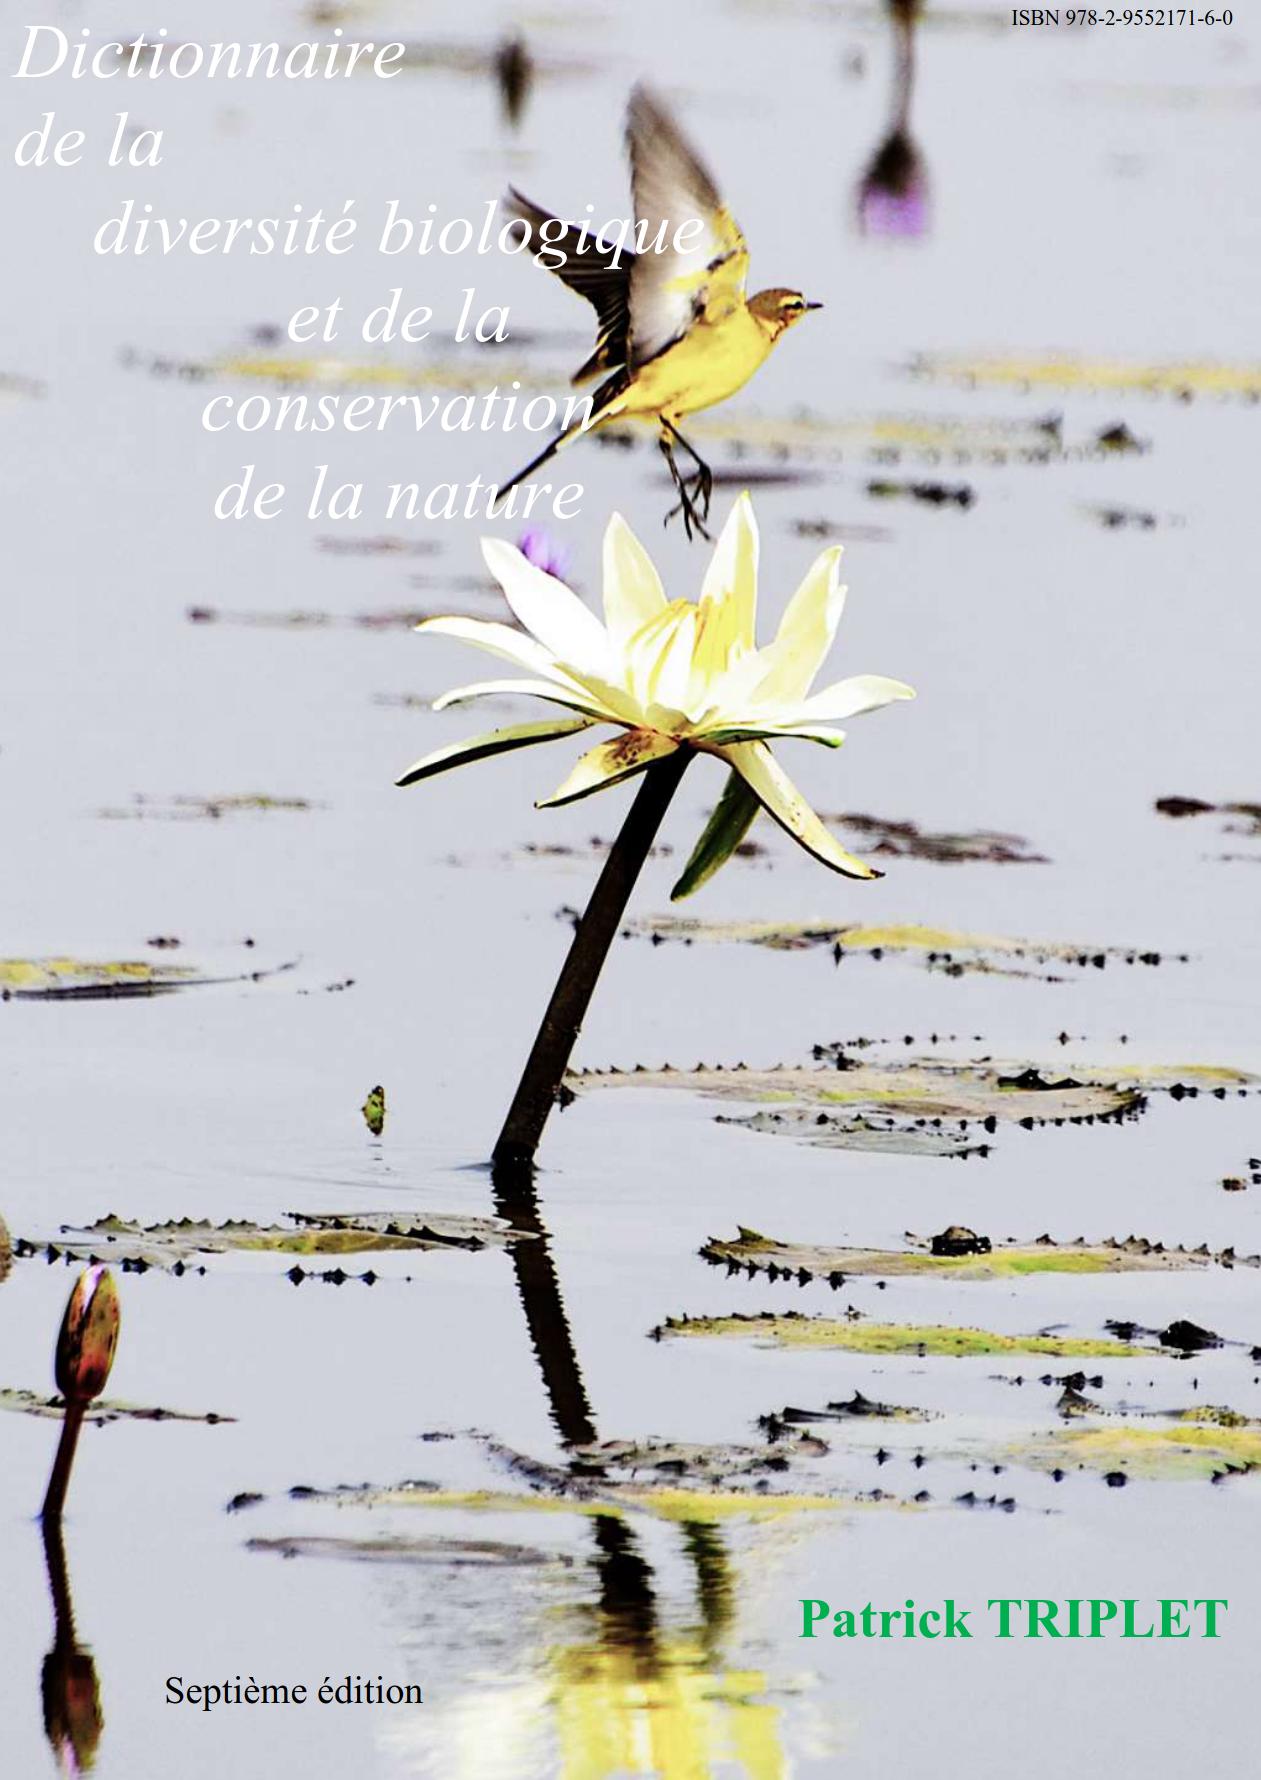 Couverture Dictionnaire encyclopédique de la diversité biologique et de la conservation de la Nature (7ème édition).